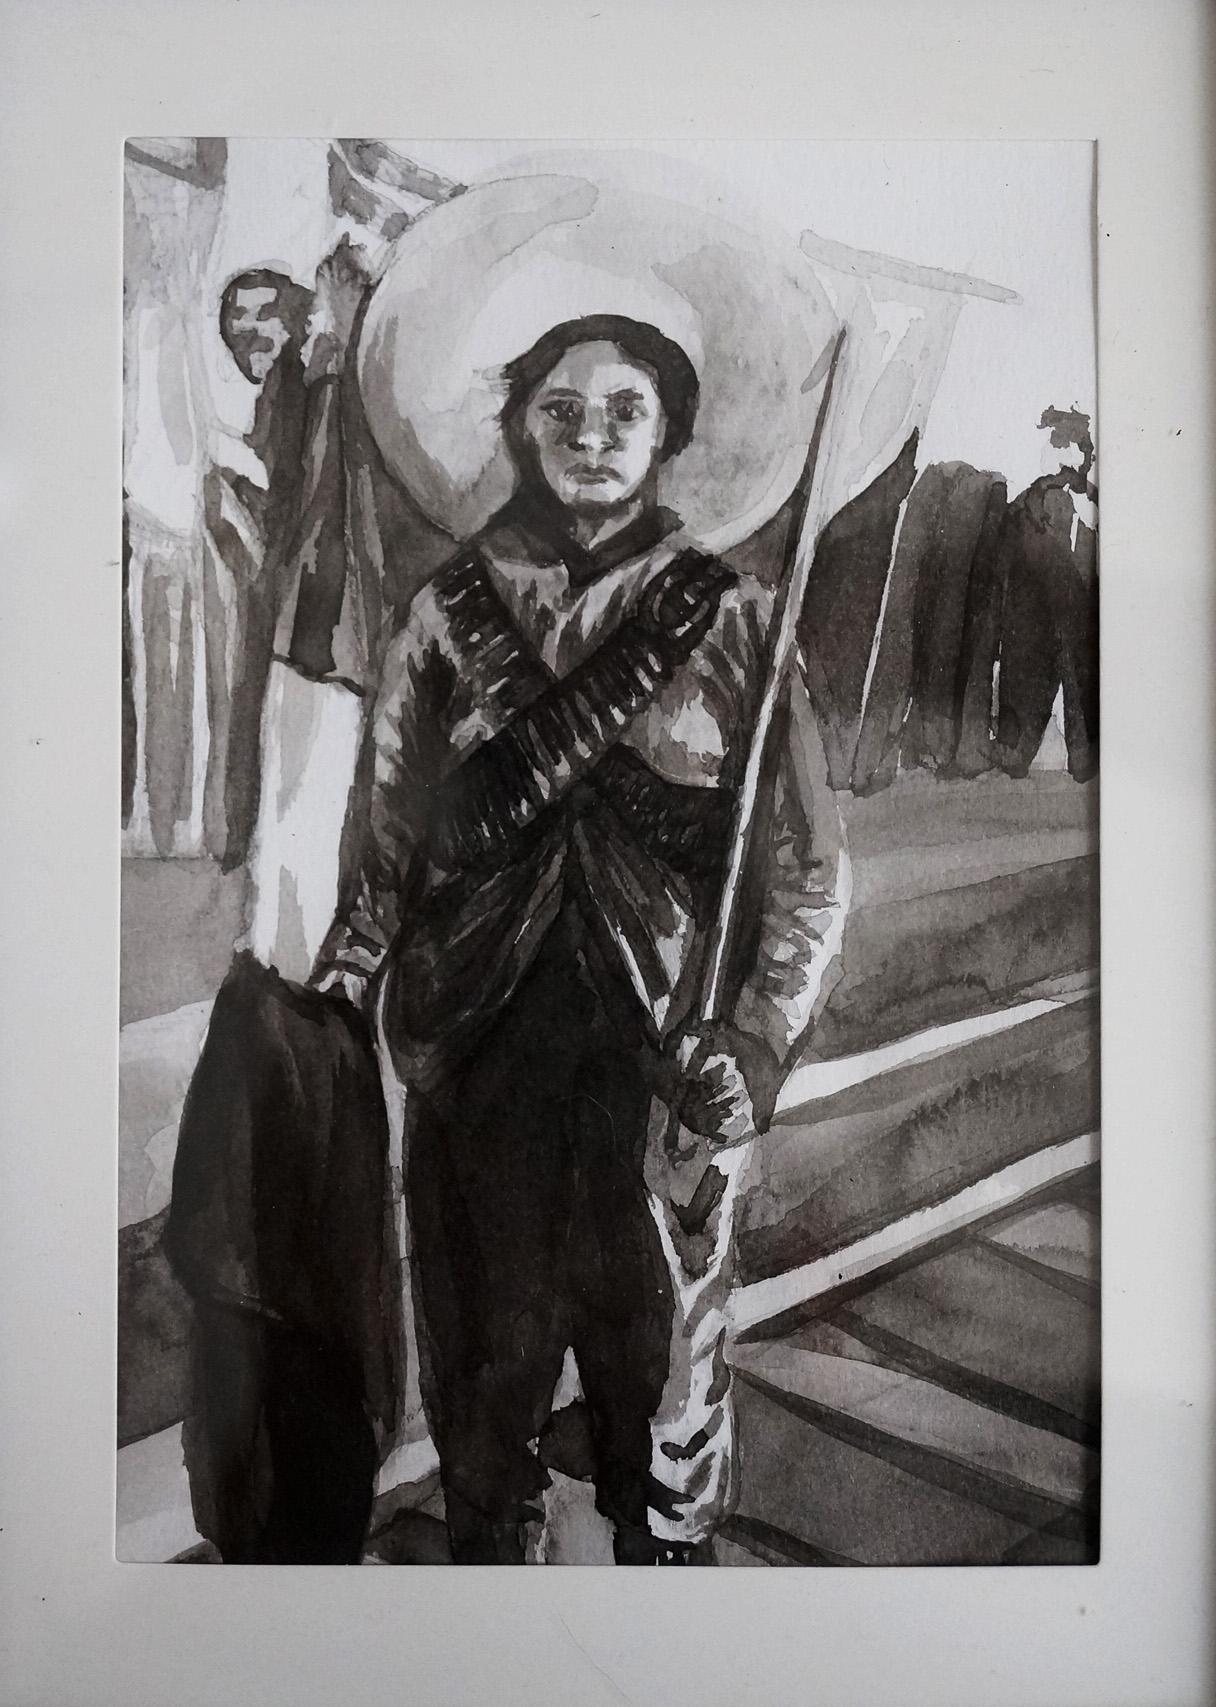 Miliciana (Revolución Mexicana)